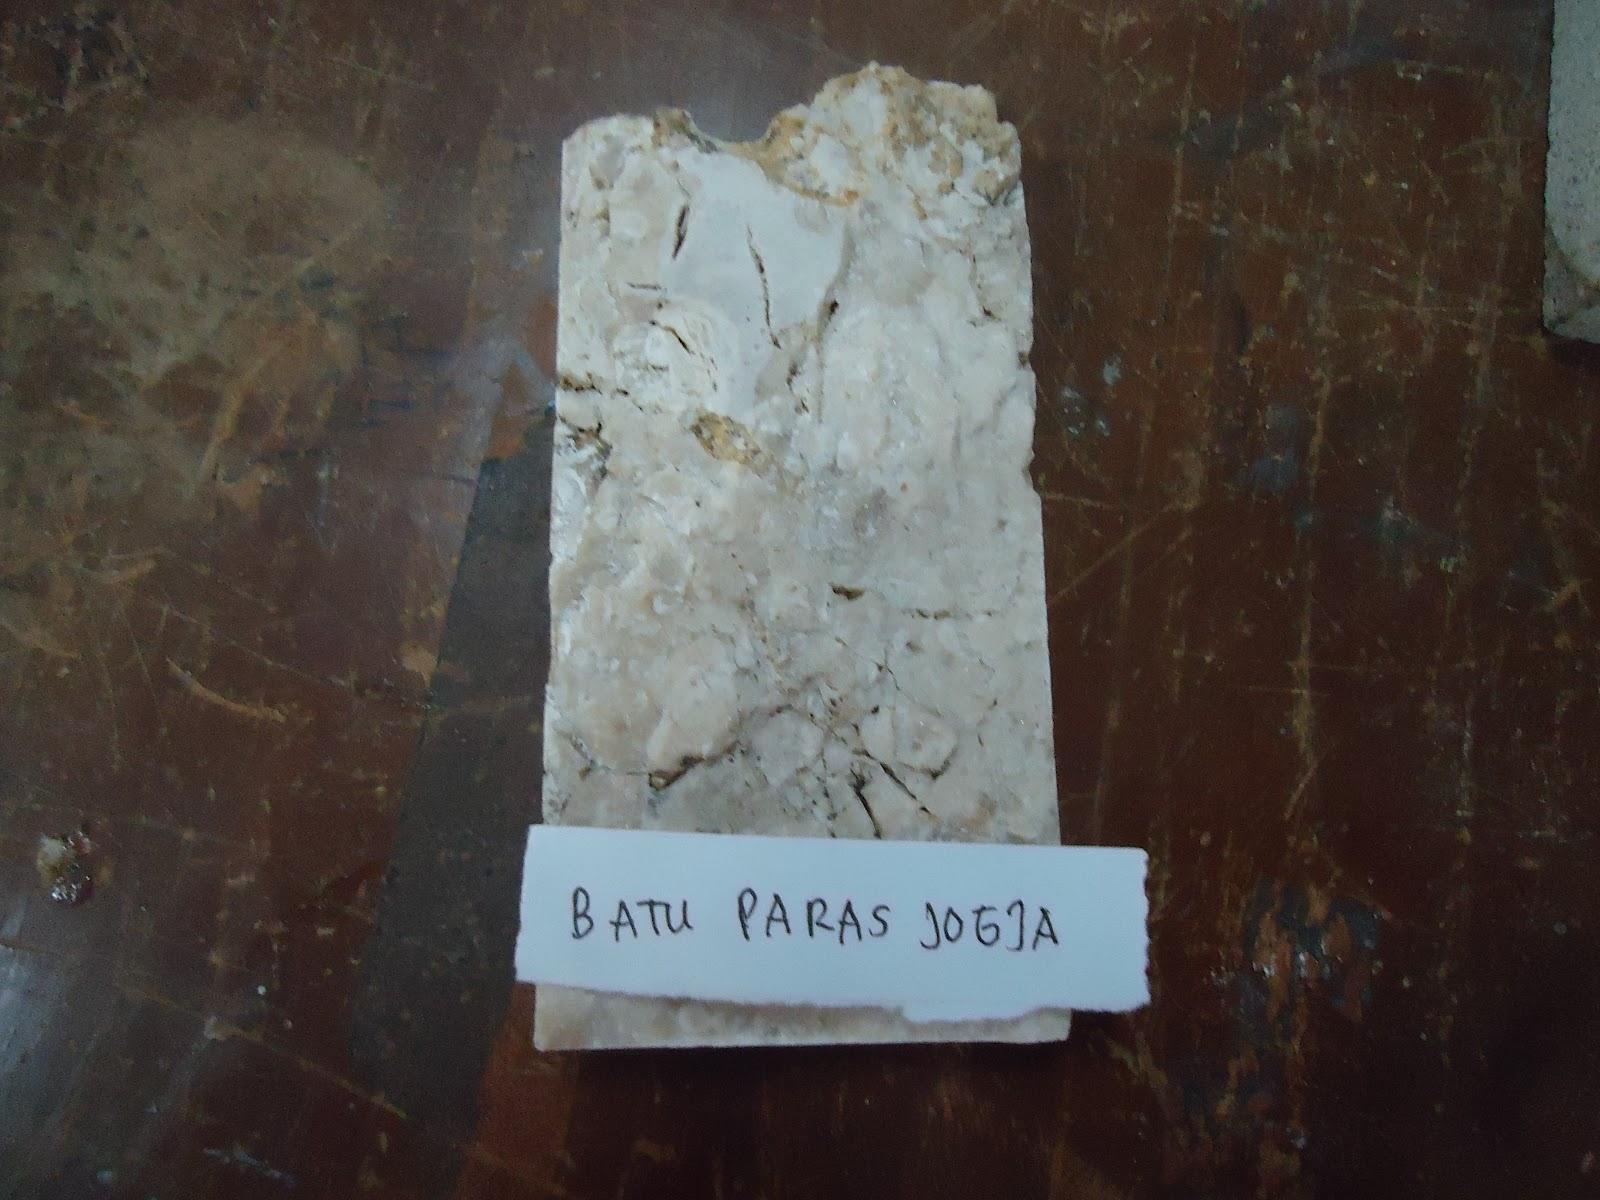 Batu Paras ~ Studi Bahan Bangunan Universitas Diponegoro